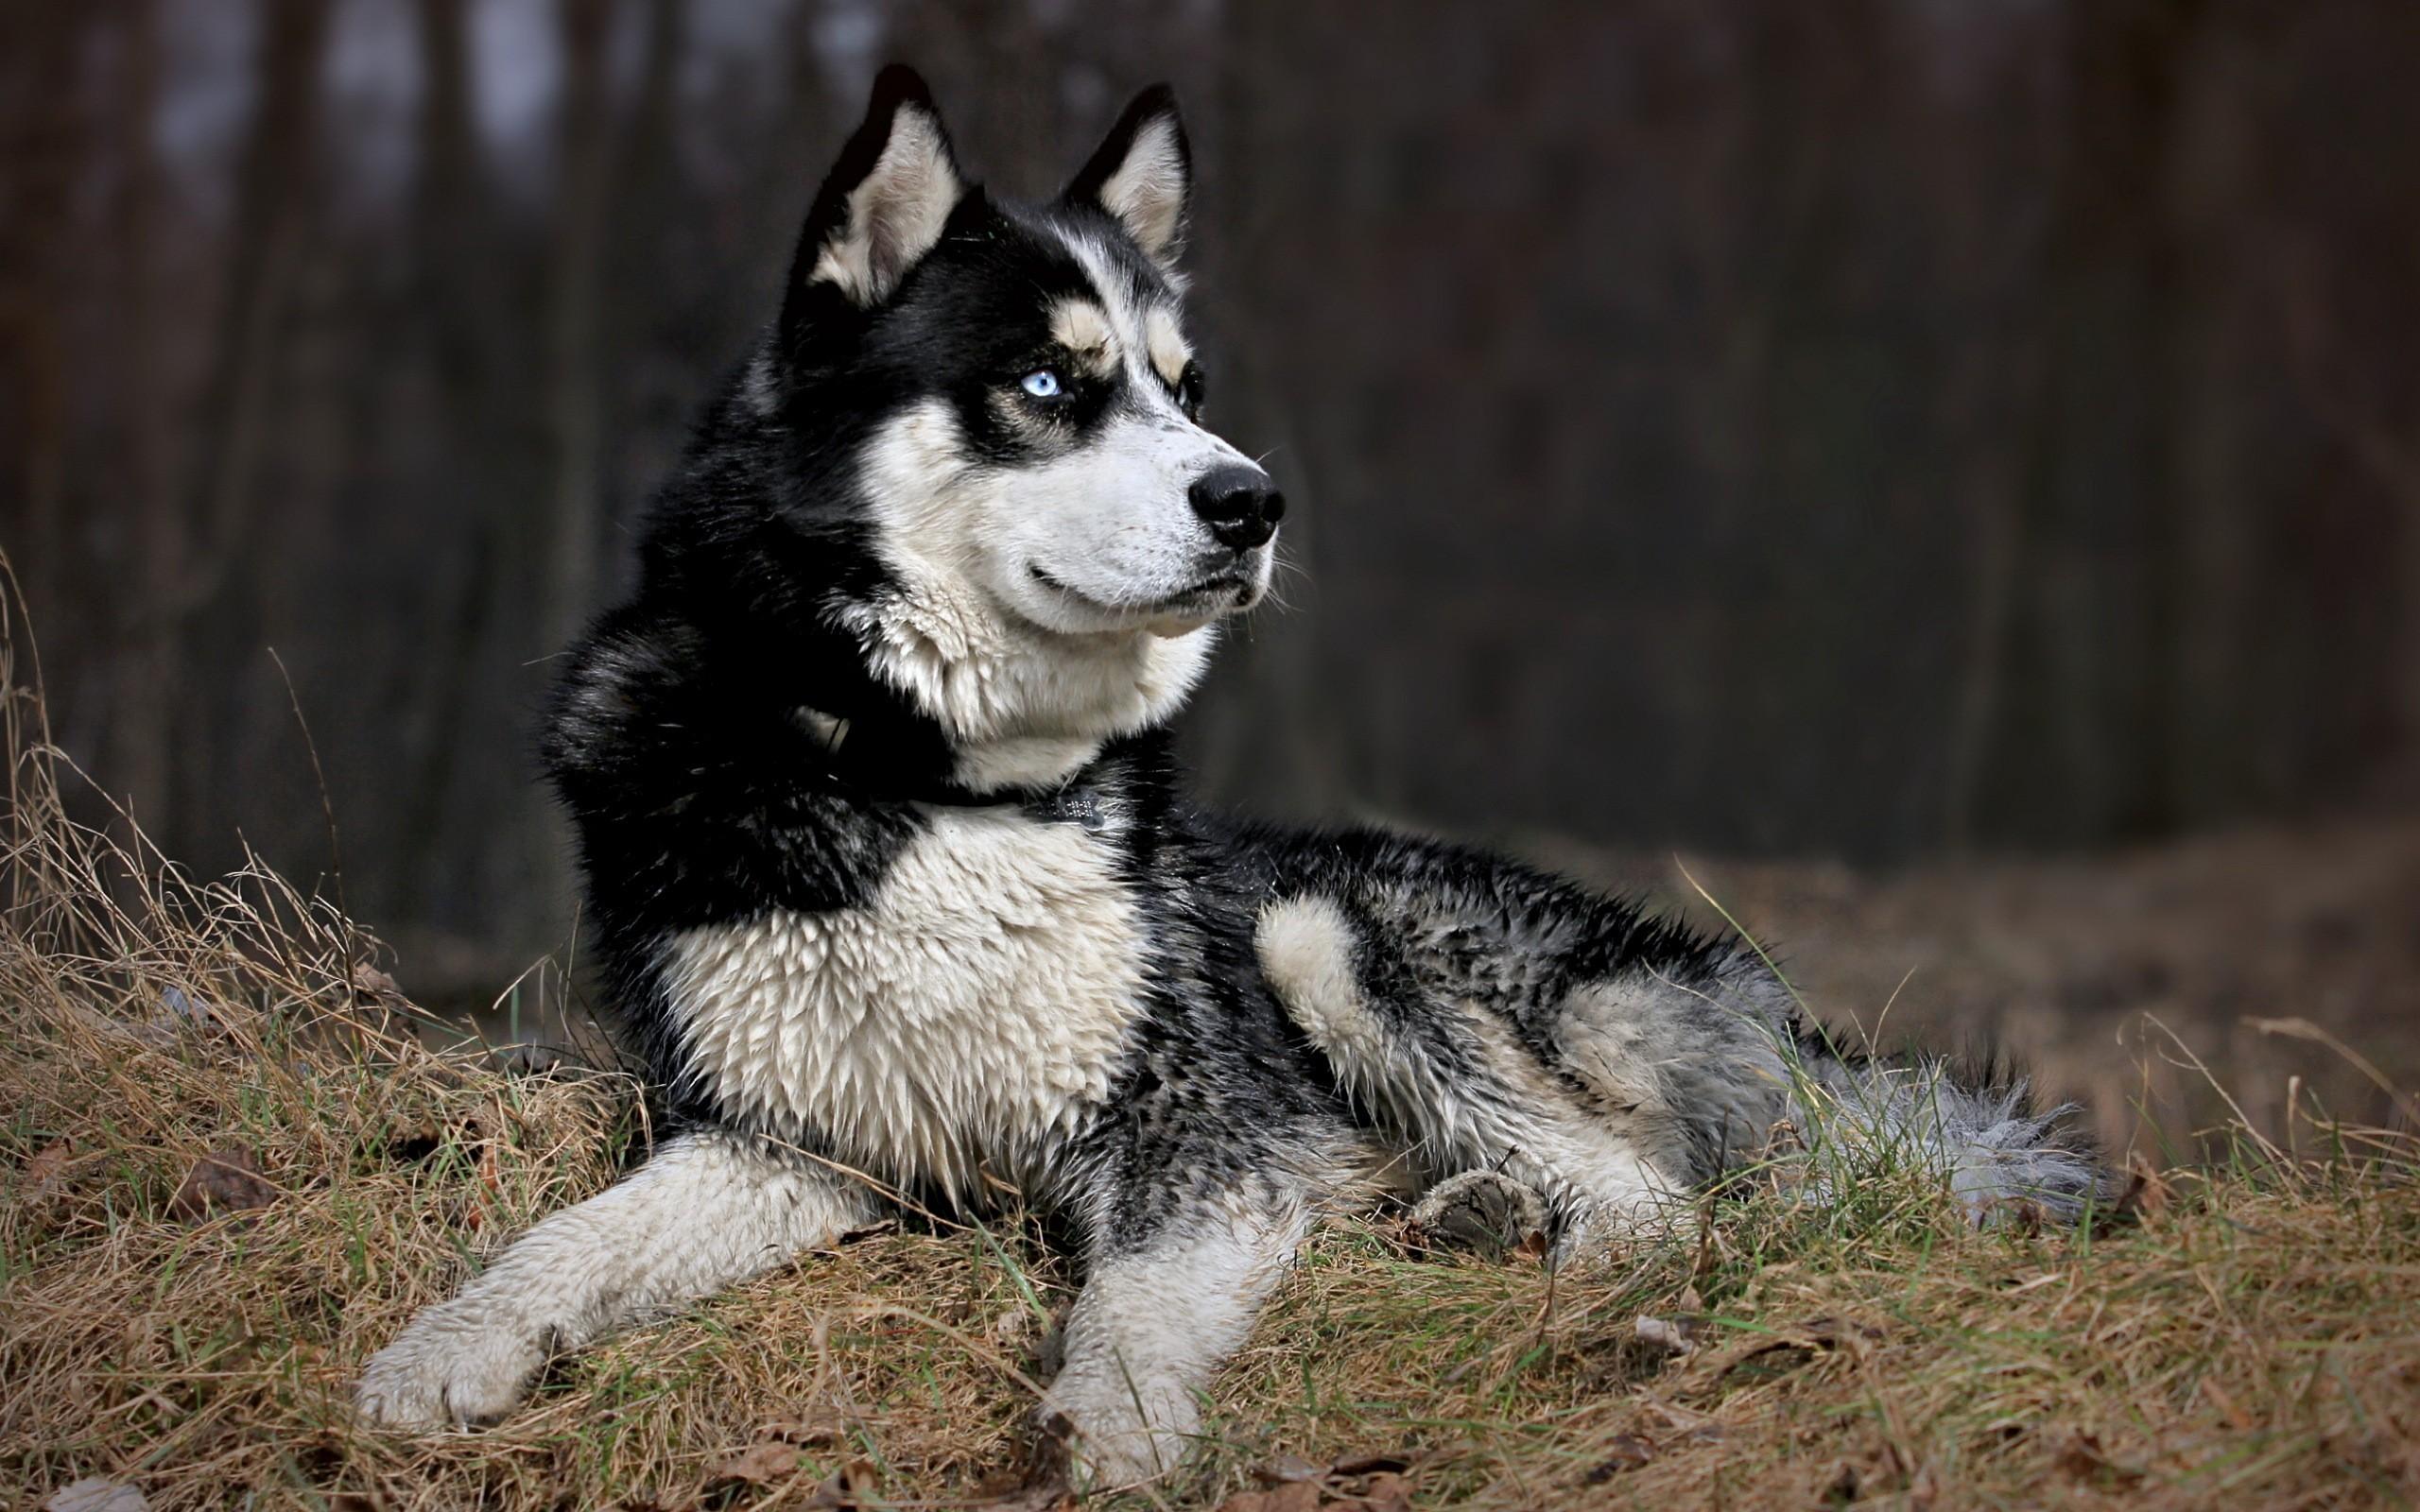 природа животное собака морда хаски  № 3886582 бесплатно